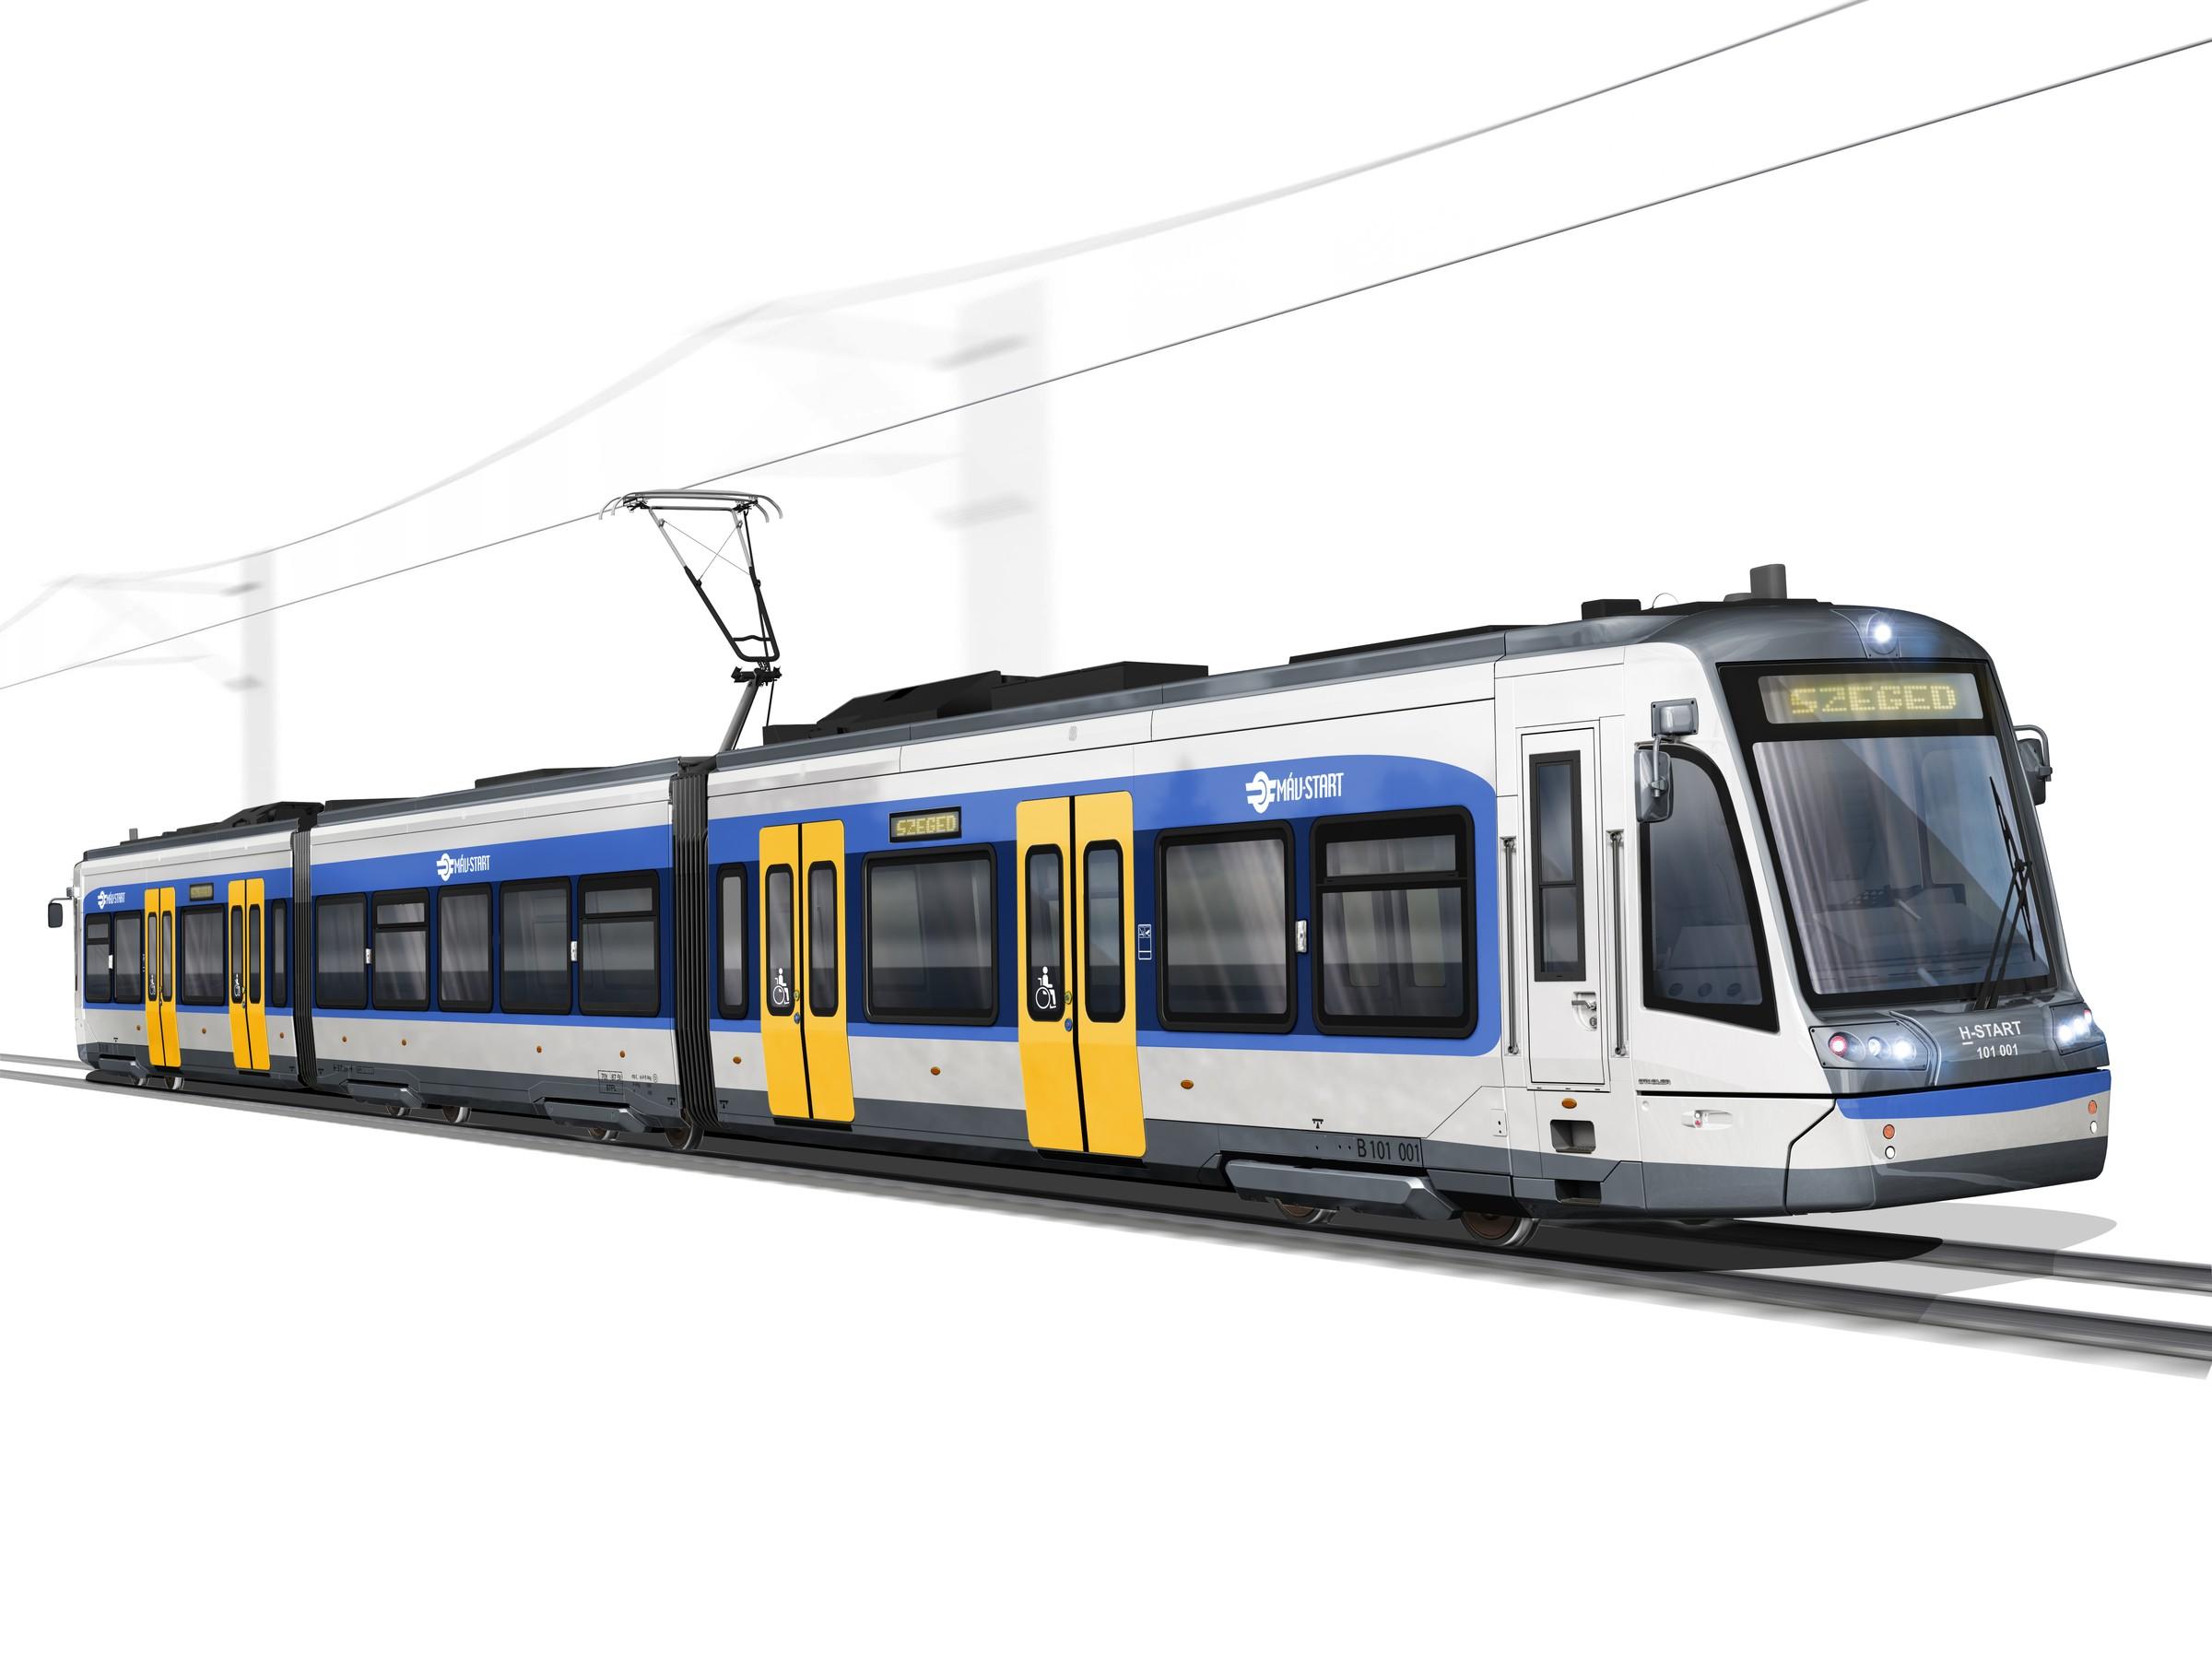 A MÁV szerint a négy új tram-train szerelvény mintegy 9,2 milliárdba kerülne